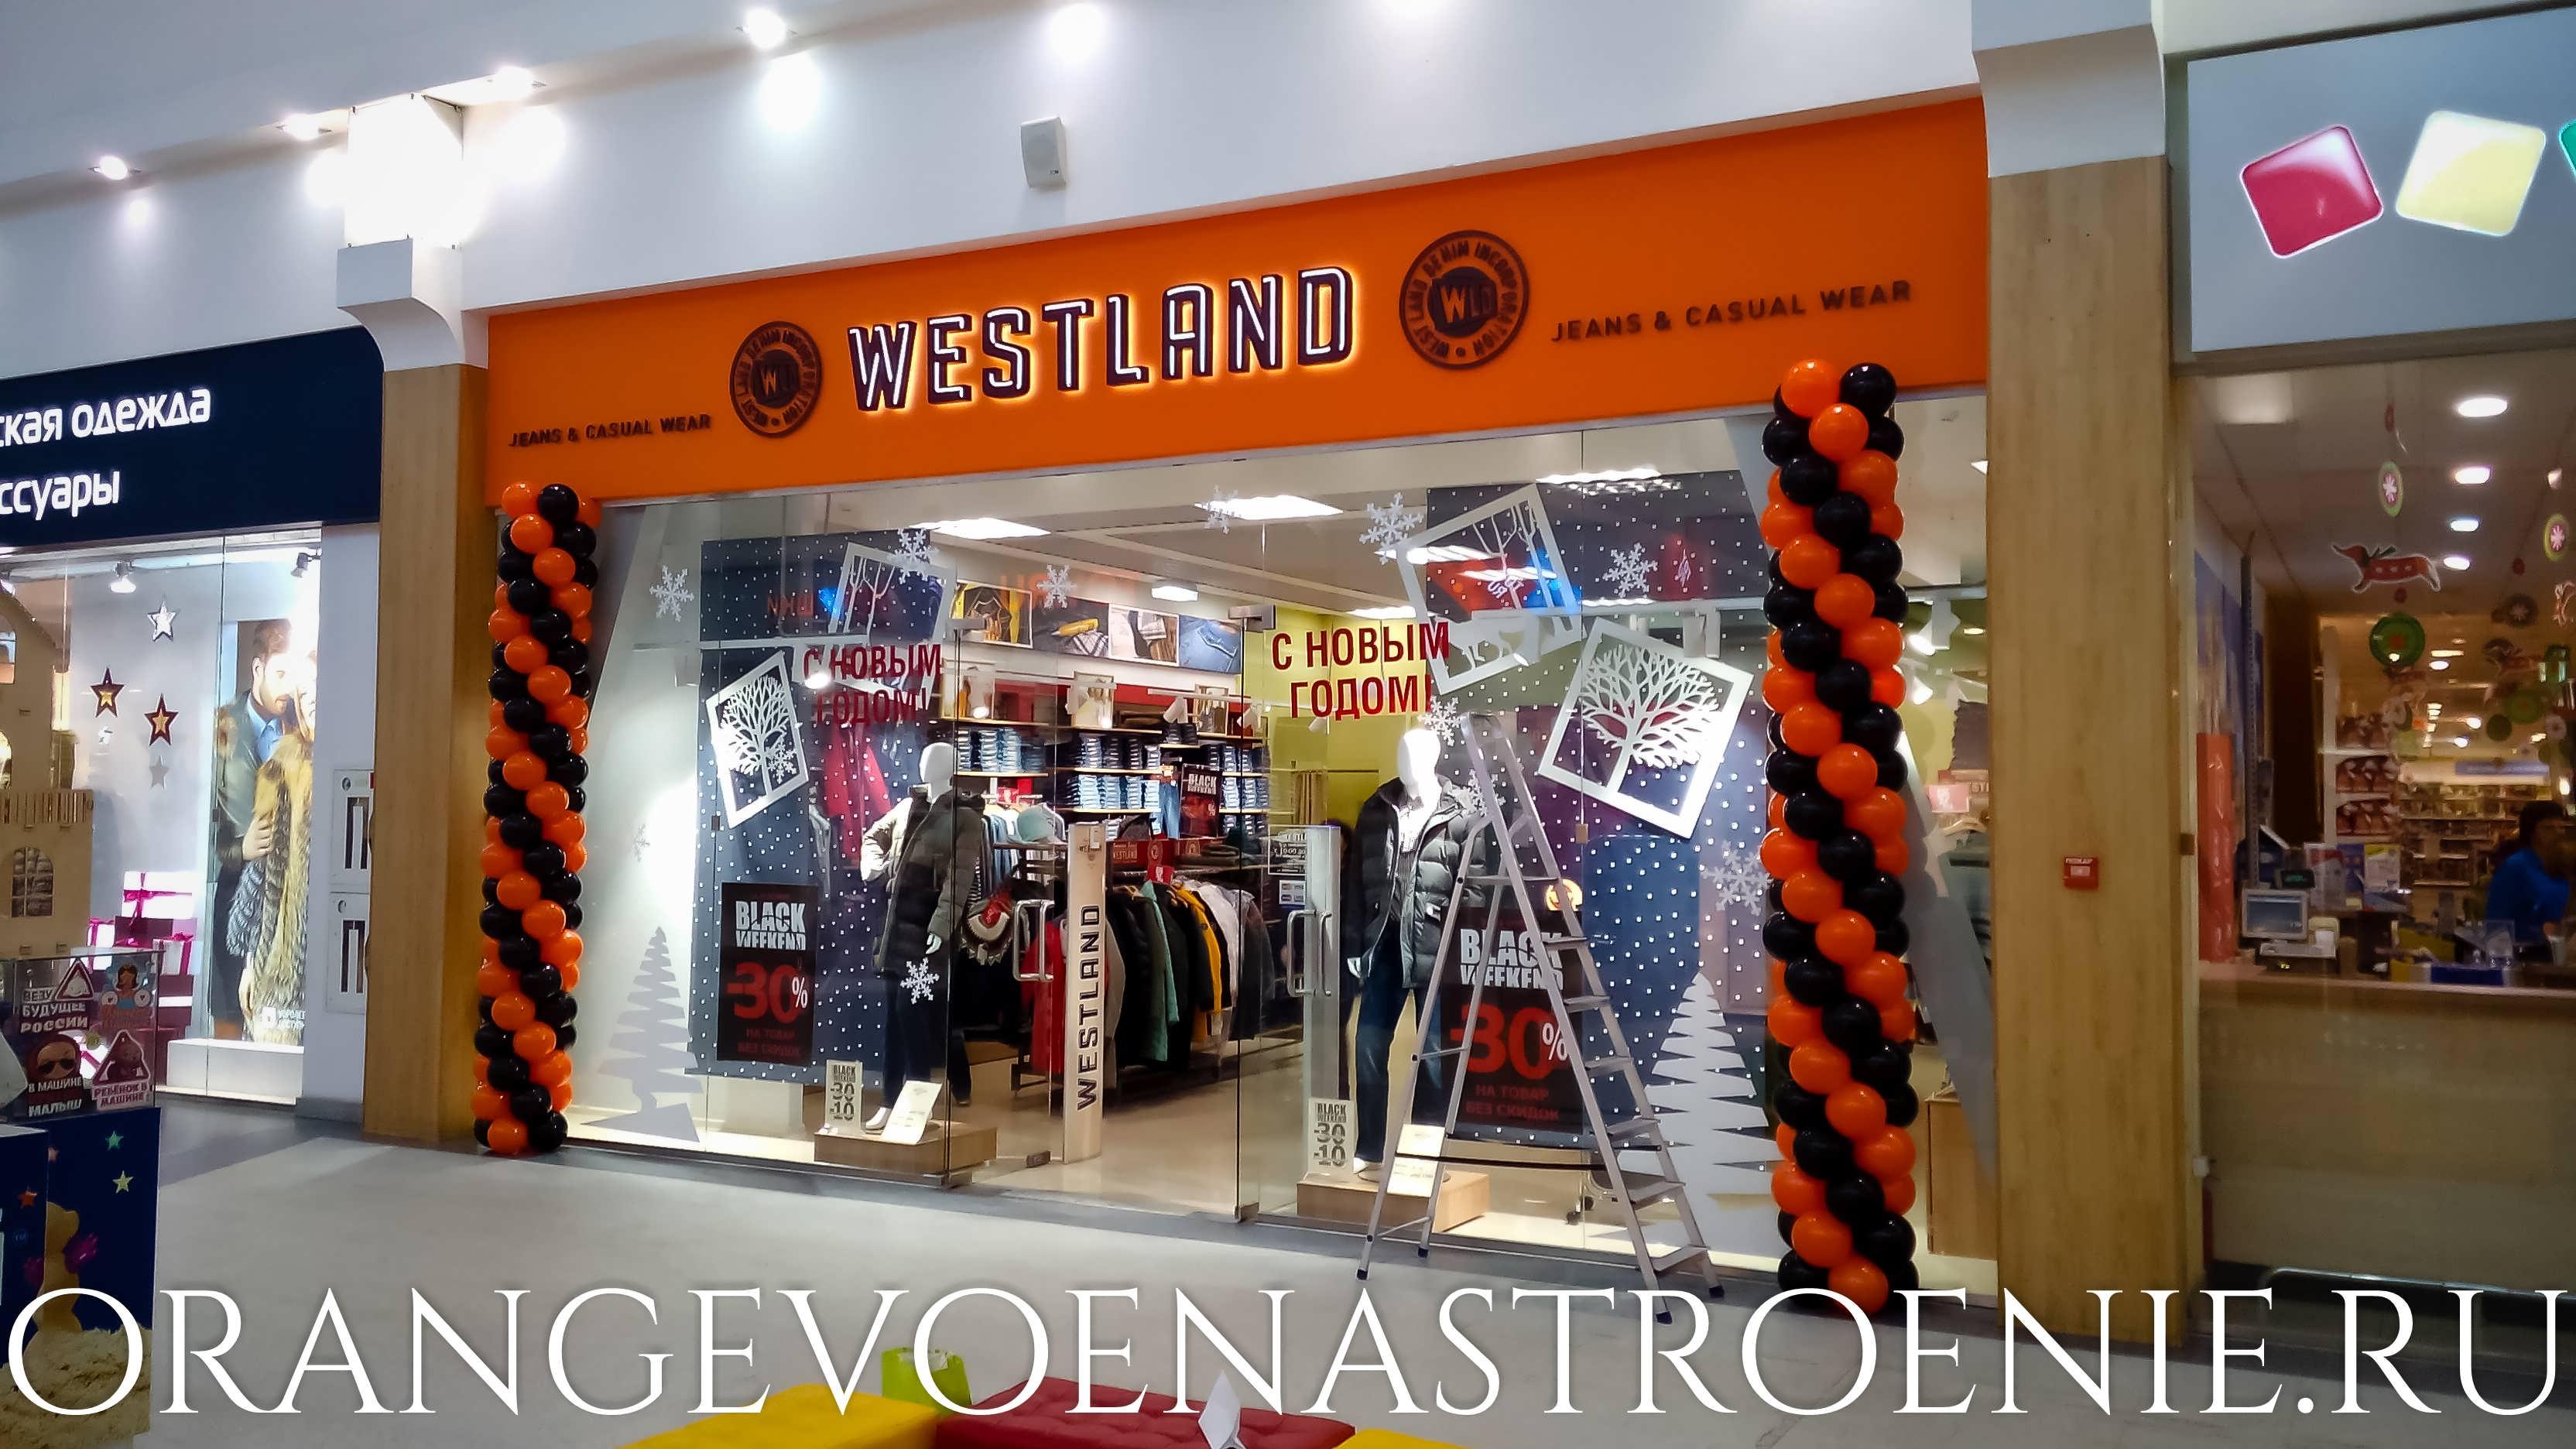 """оформление шарами магазина Westland для """"Чёрной пятницы"""""""